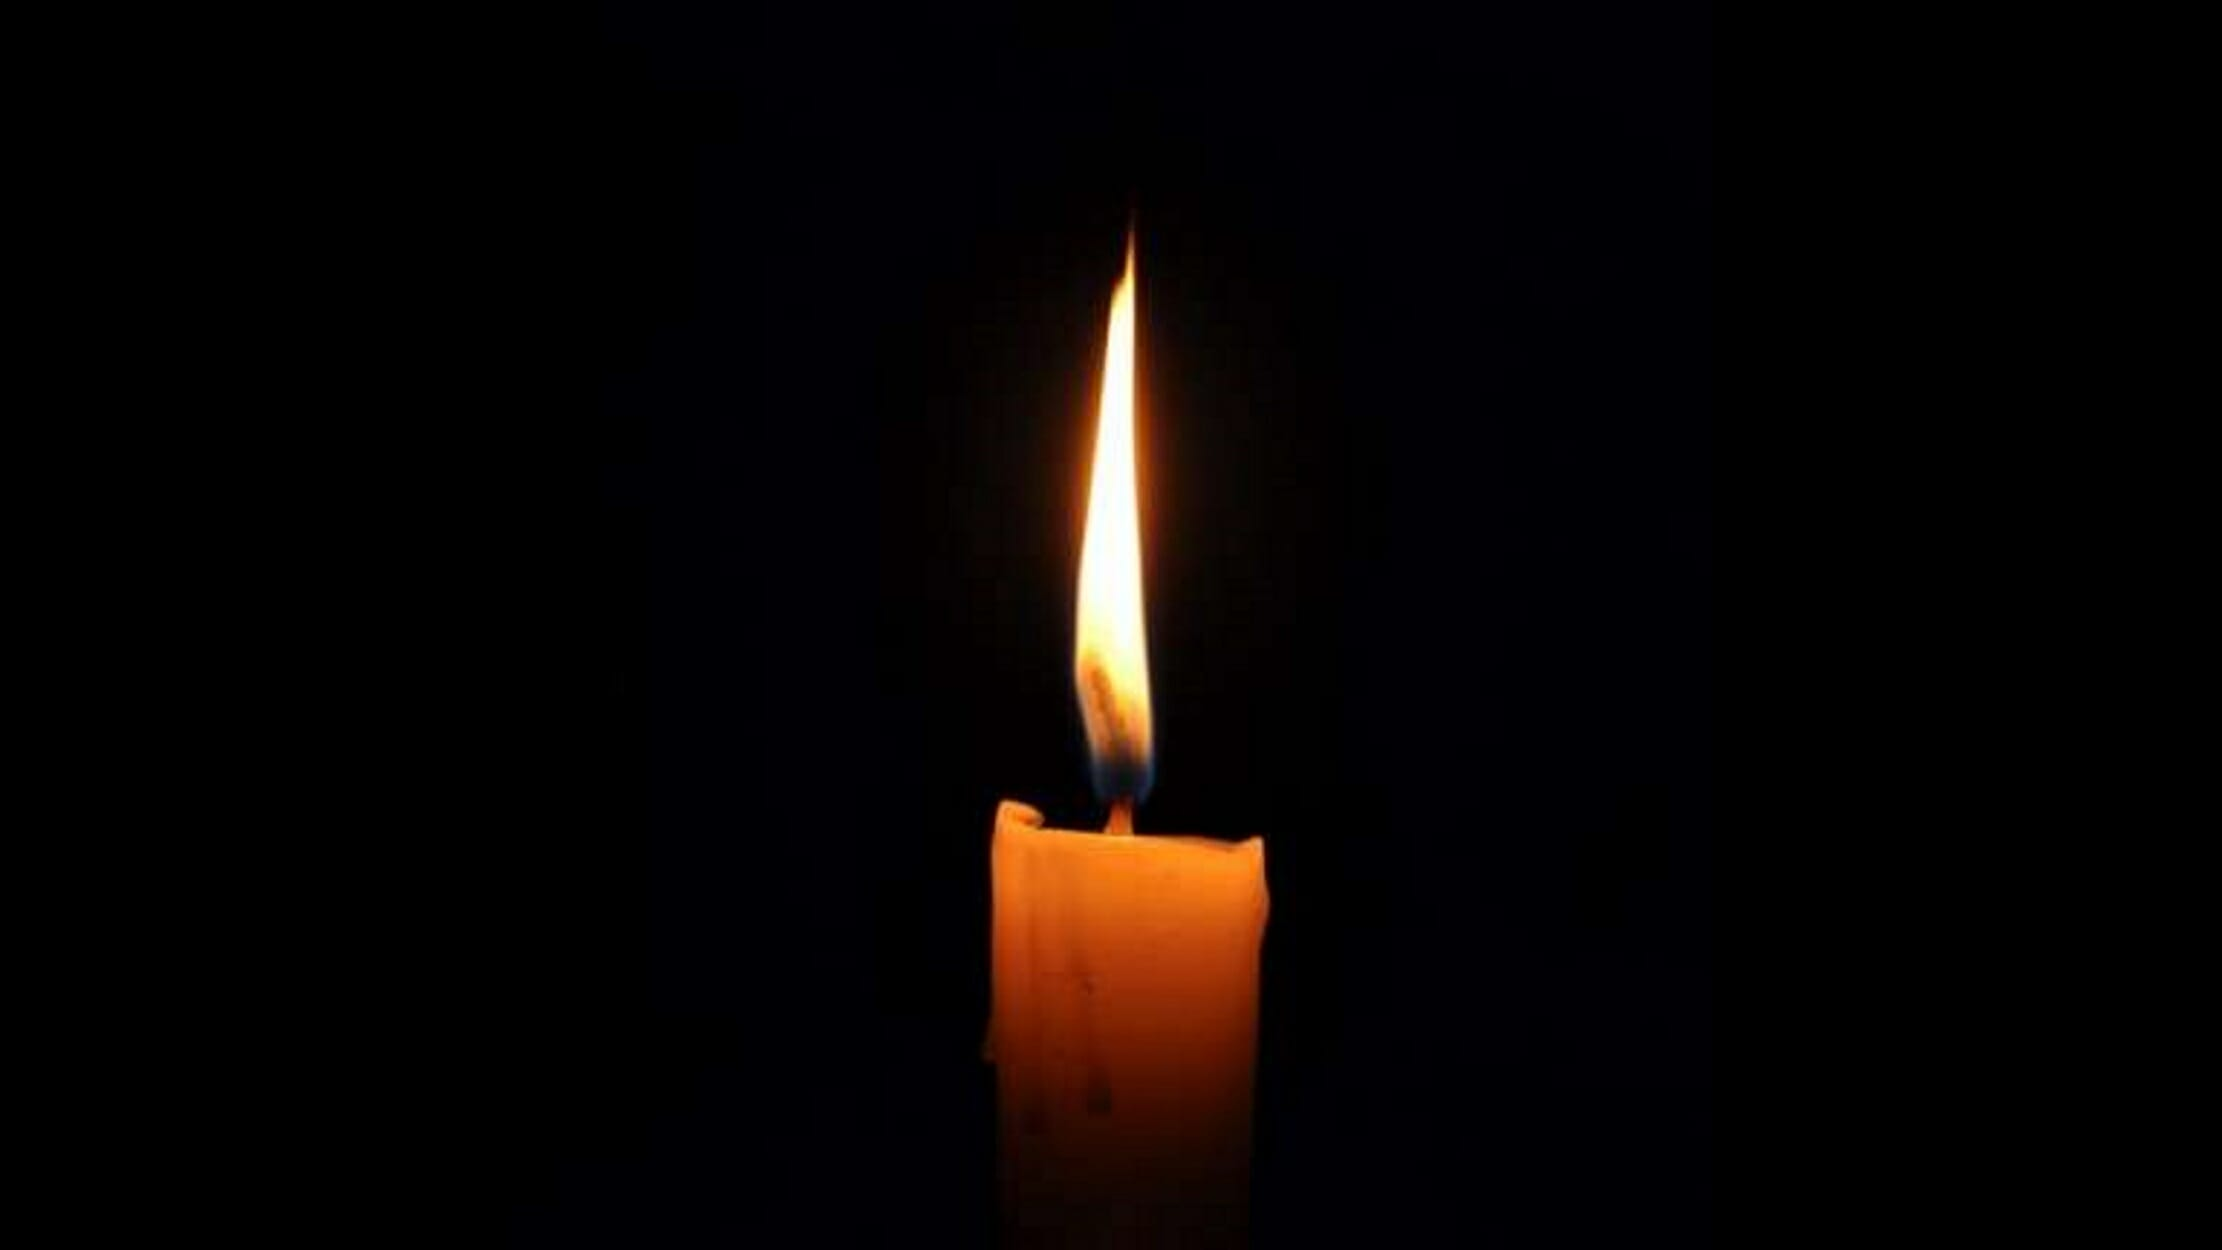 Ανείπωτη τραγωδία! Νεκρή σε τροχαίο 19χρονη αθλήτρια του στίβου στην Ισπανία